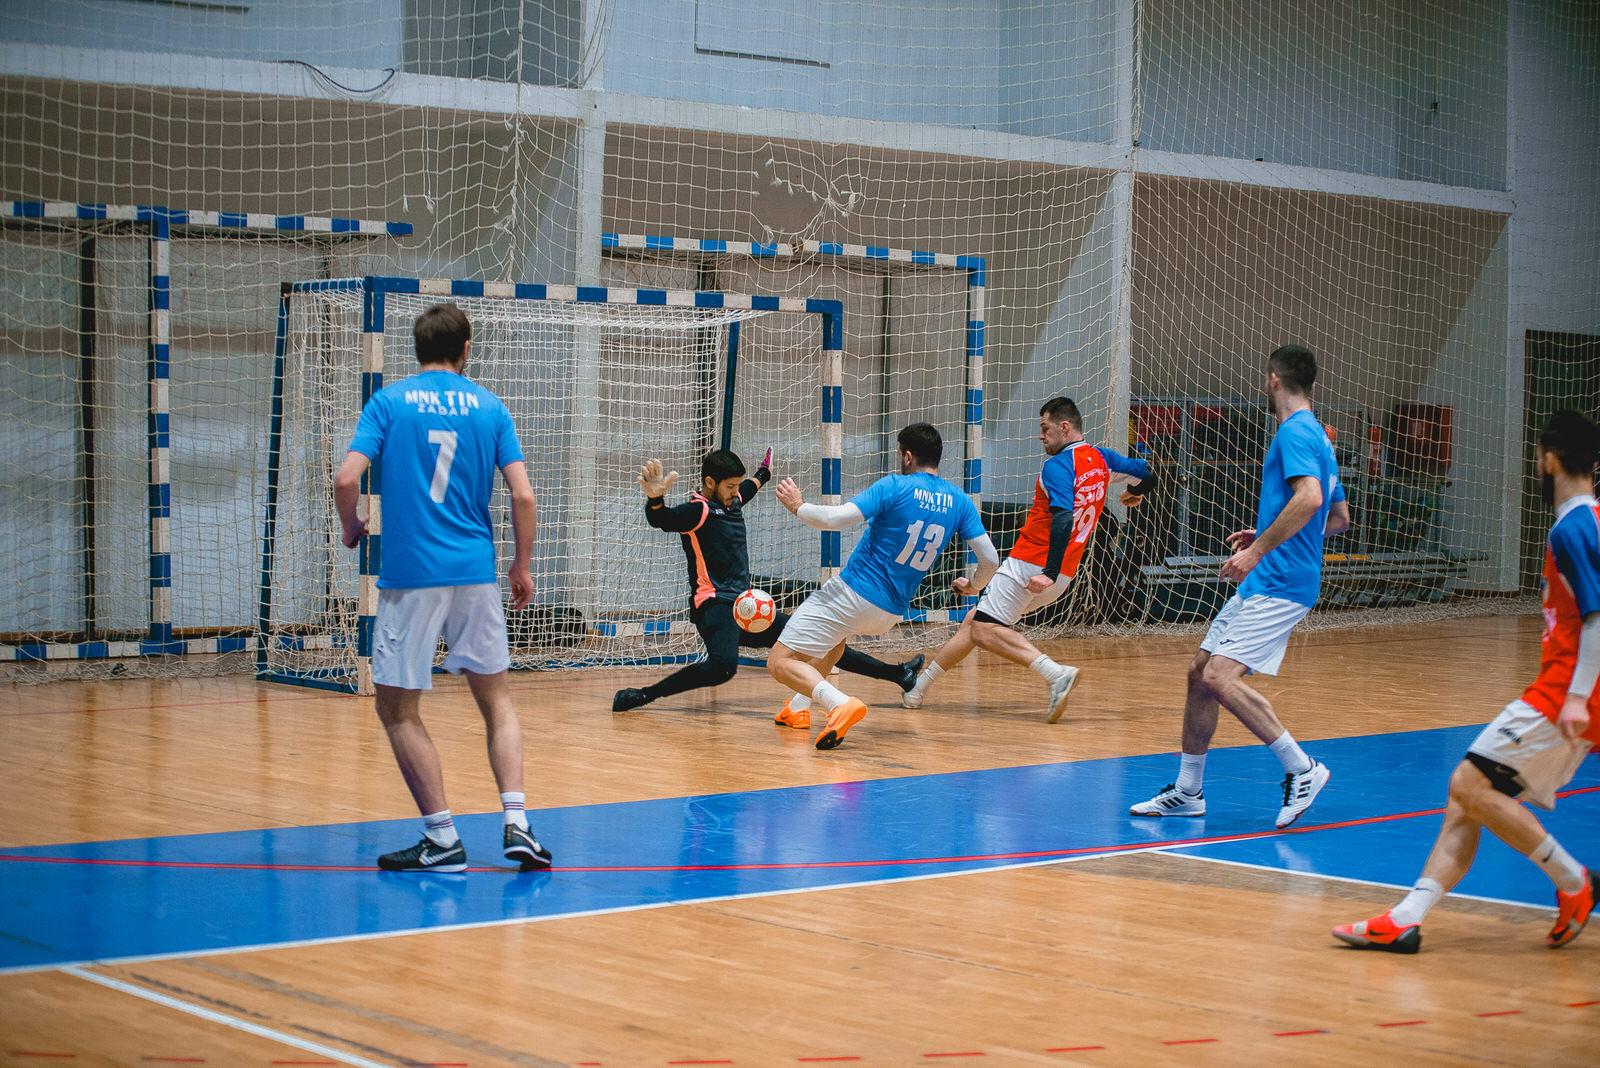 likaclub_gospić_zimski-malonogometni-turnir-2018-19-53